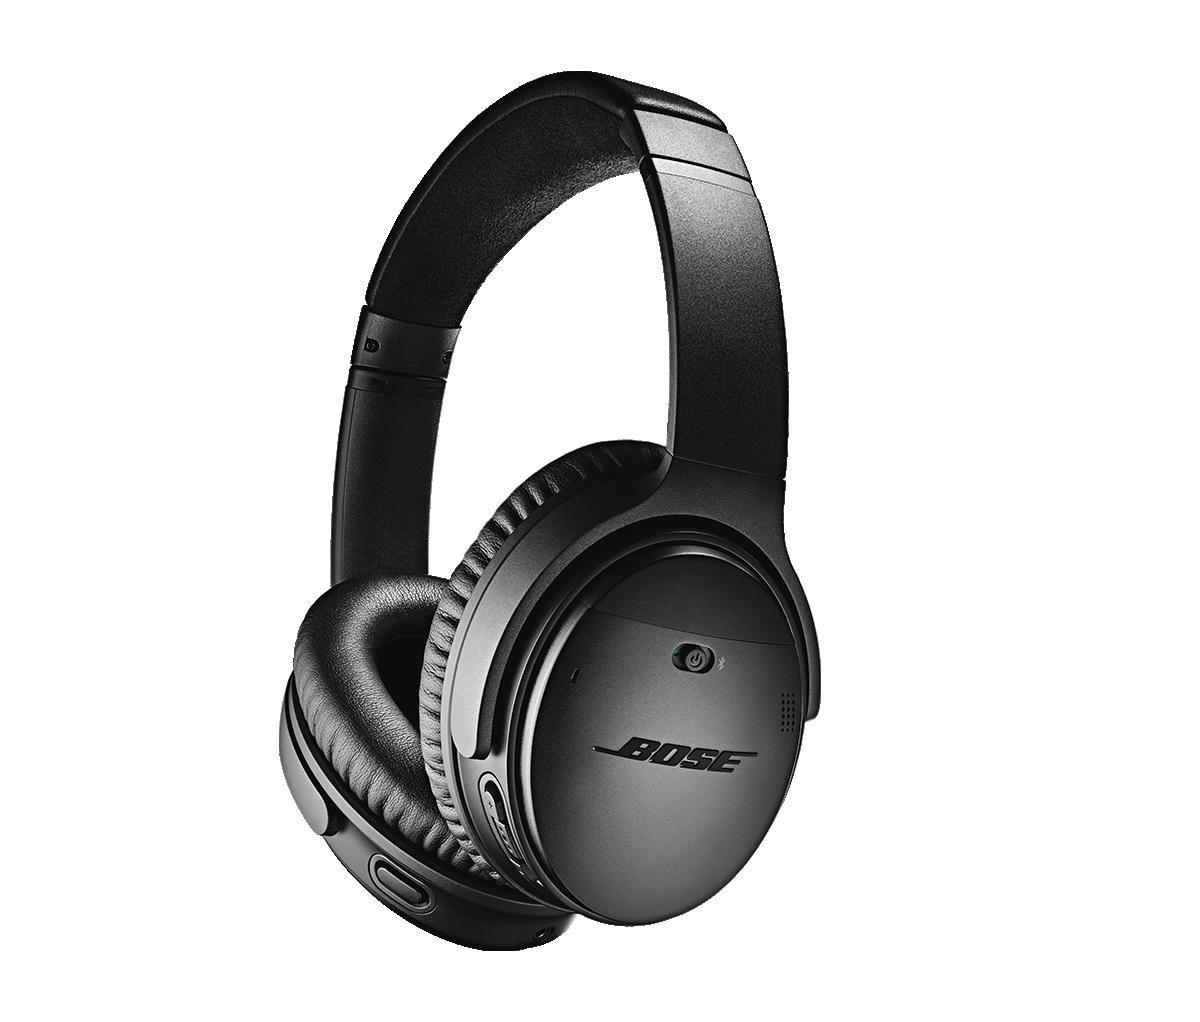 Bose_QuietComfort_35_wireless_headphones_II